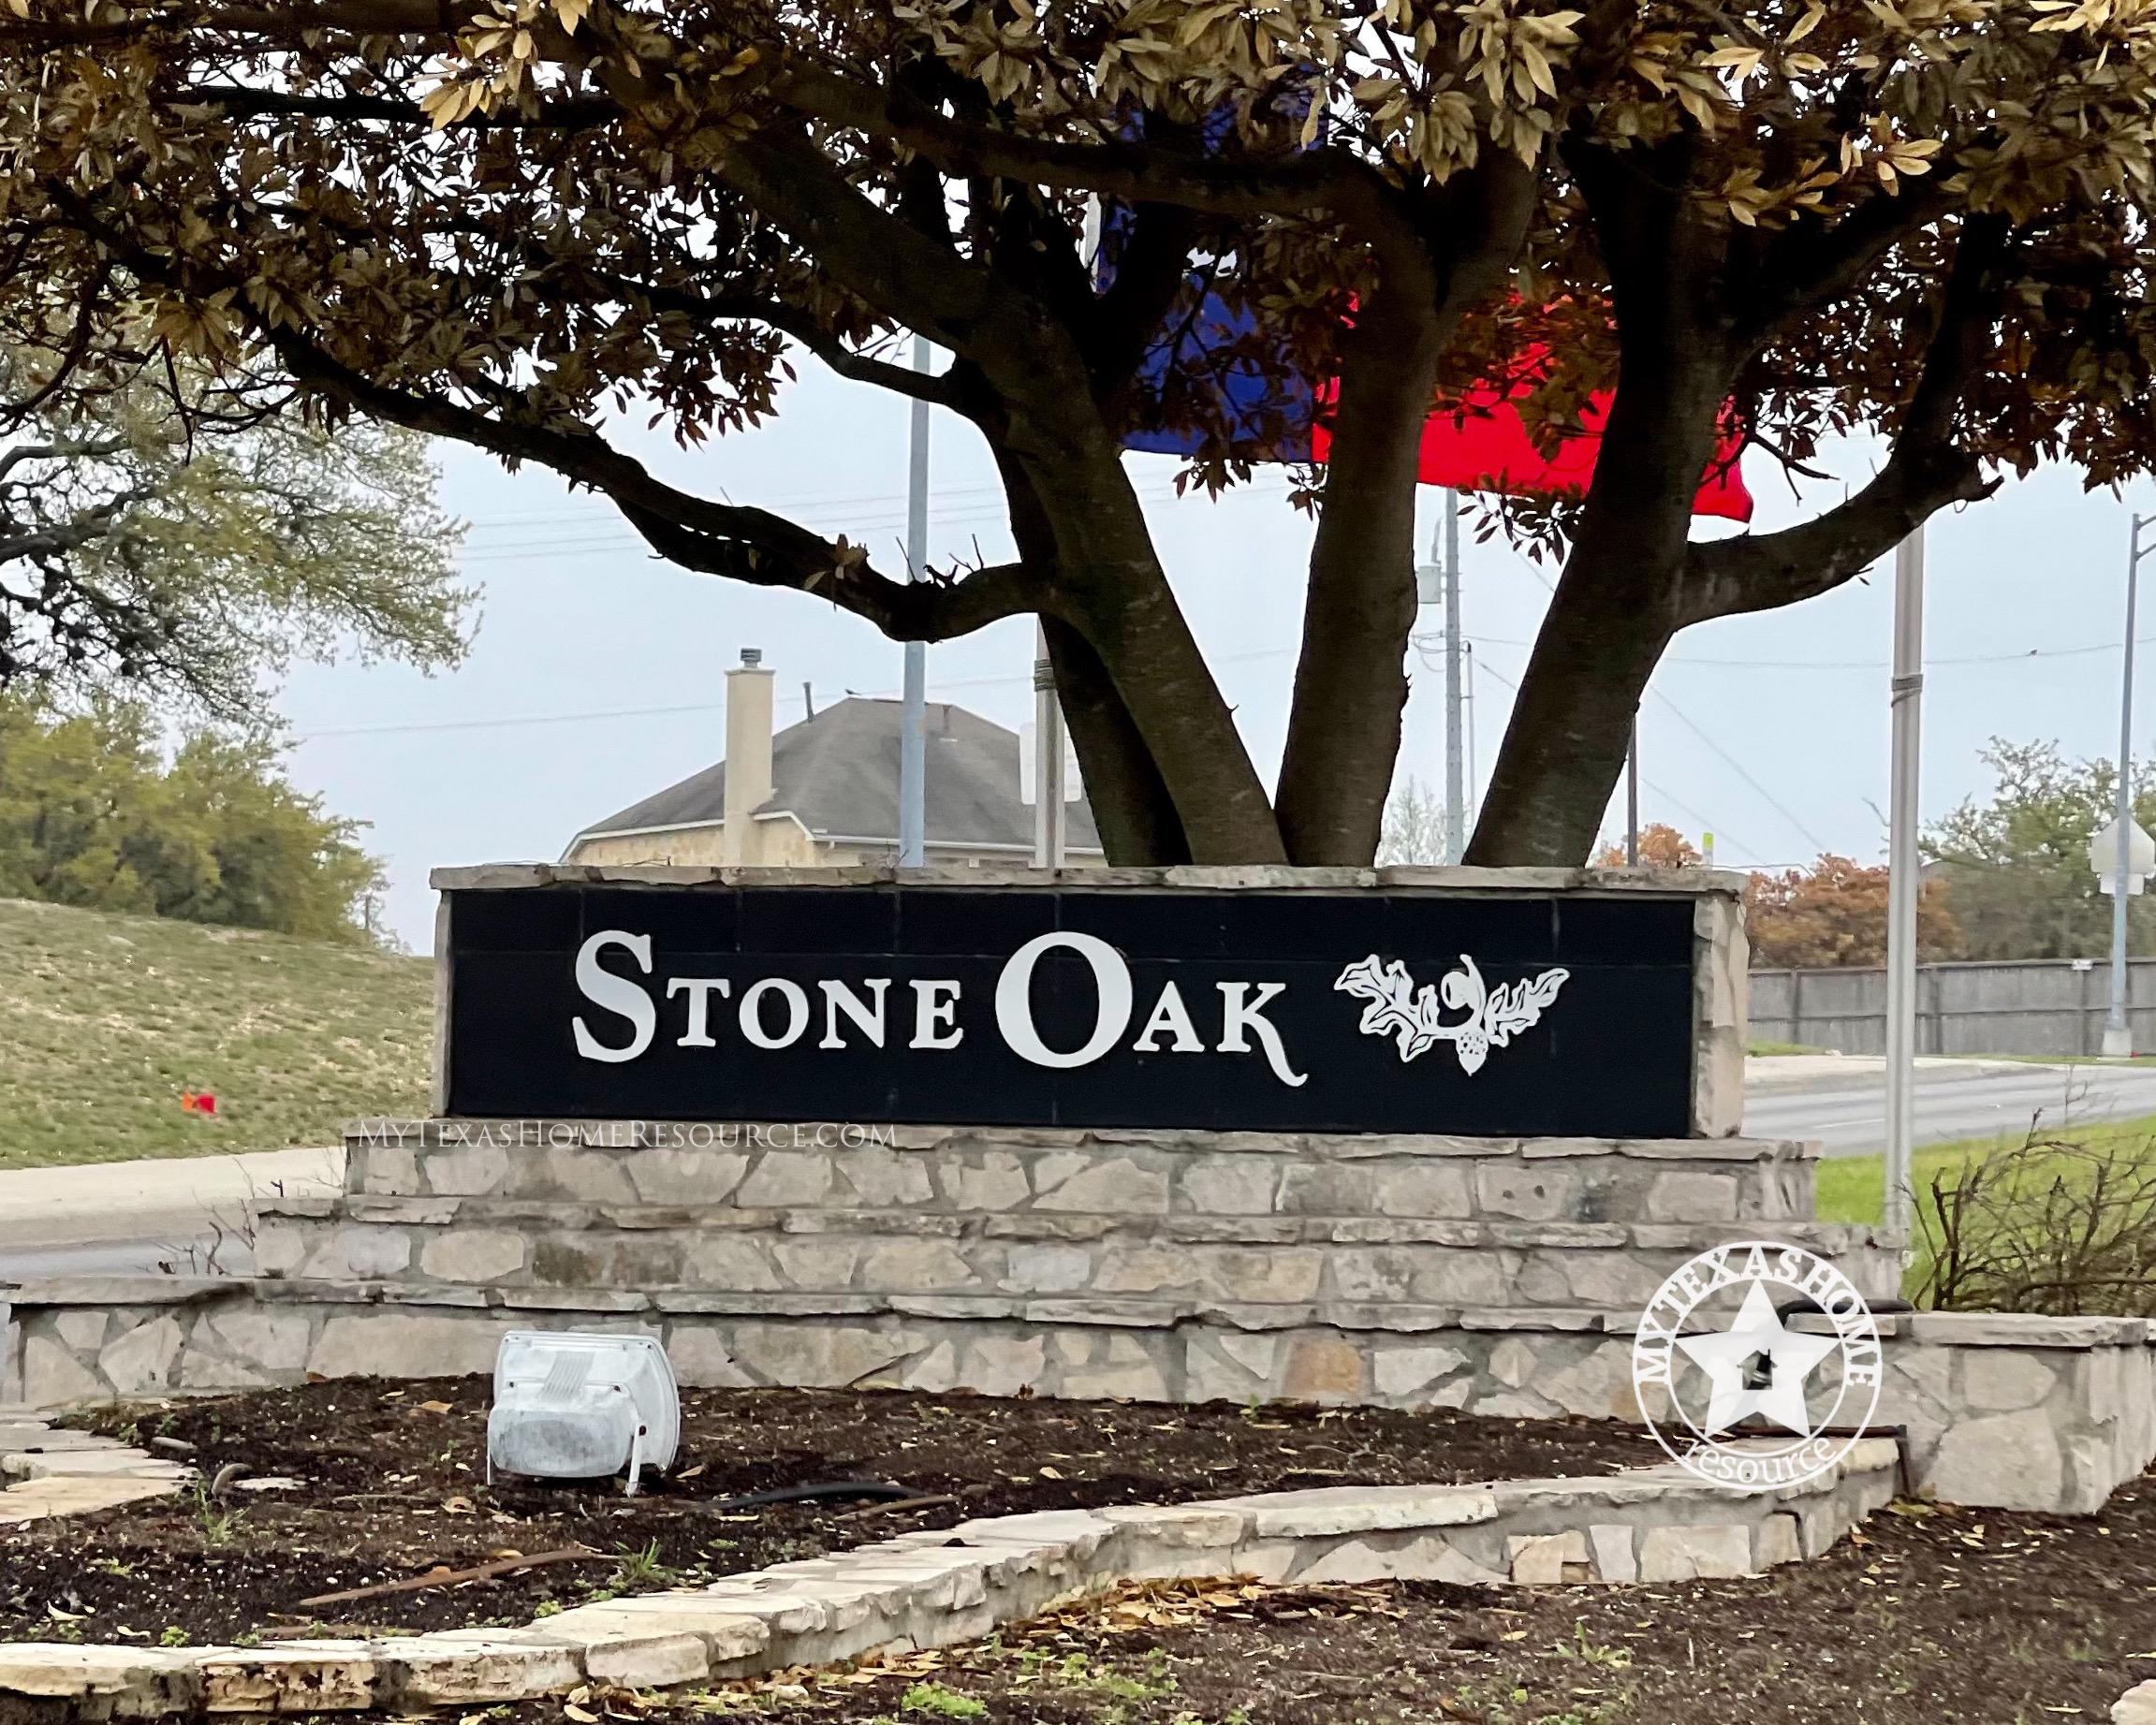 Stone Oak Community San Antonio, TX